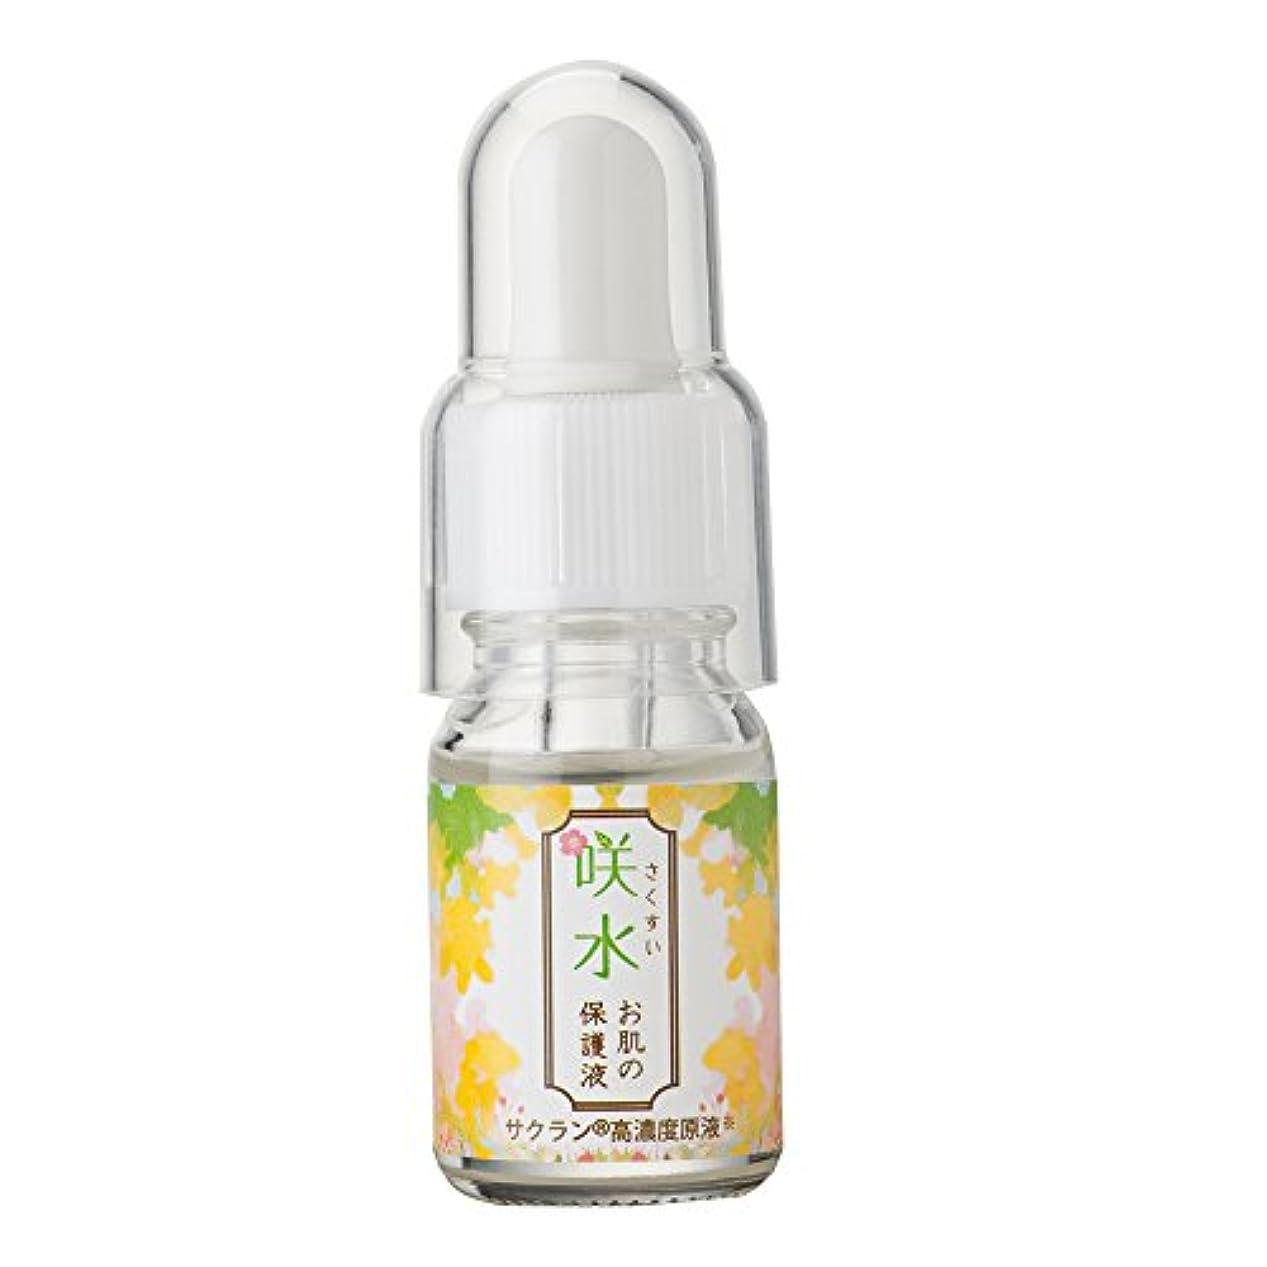 できる劇作家お祝い咲水お肌の保護液 10ml  保湿 美容液 顔 スイセンジノリ サクラン リバテープ製薬公式